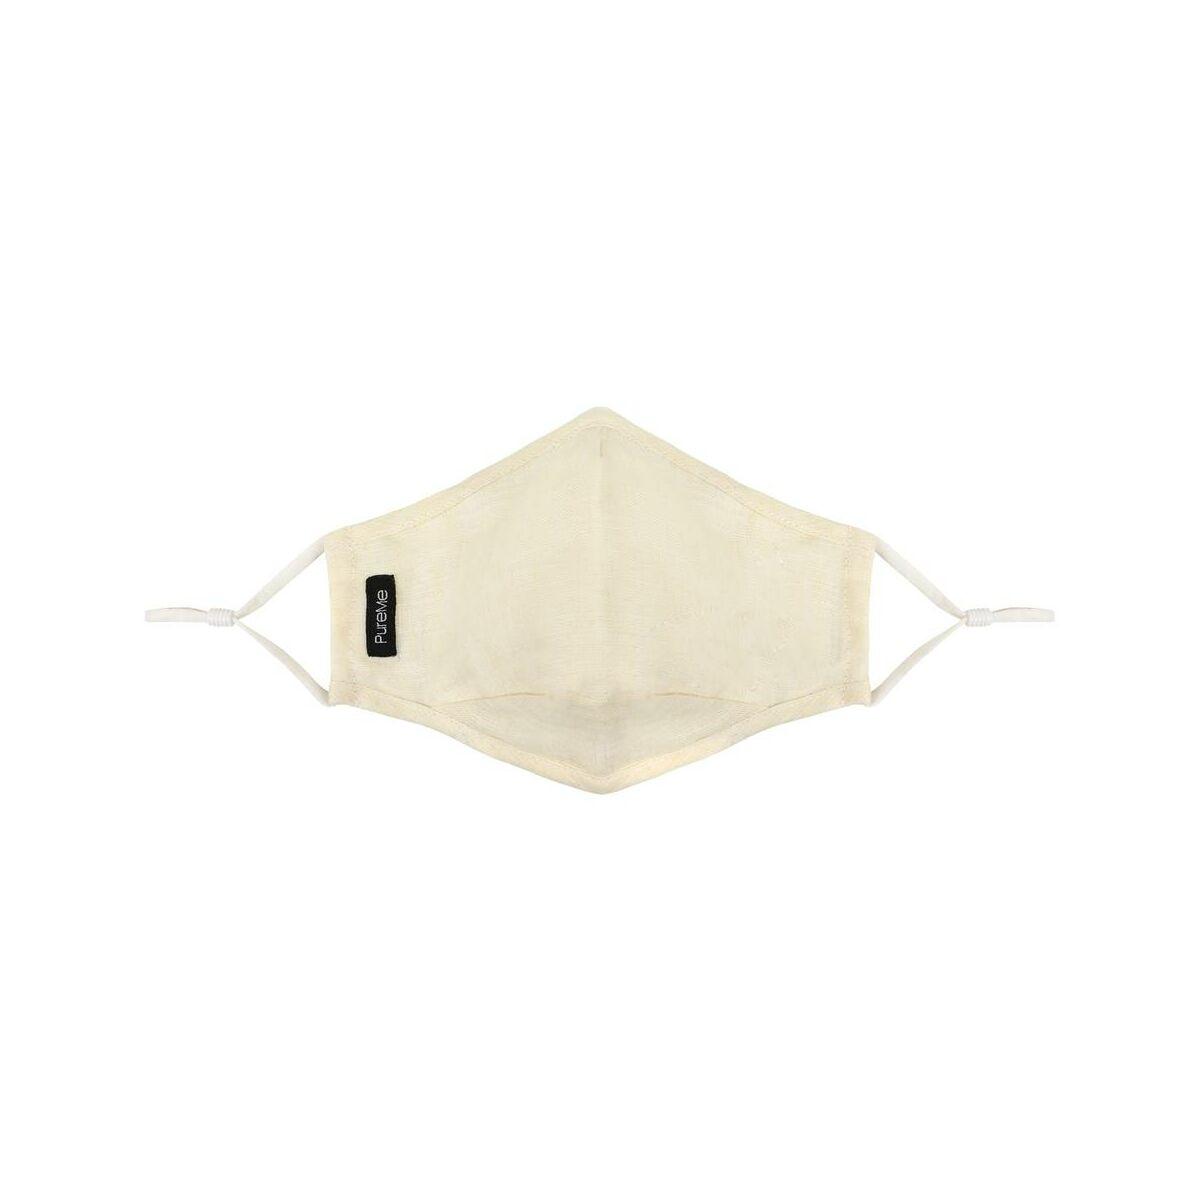 PureMe Maszk, Újrafelhasználható, Állítható füllel, Vászon, 2db N95 szűrővel a csomagban, krém